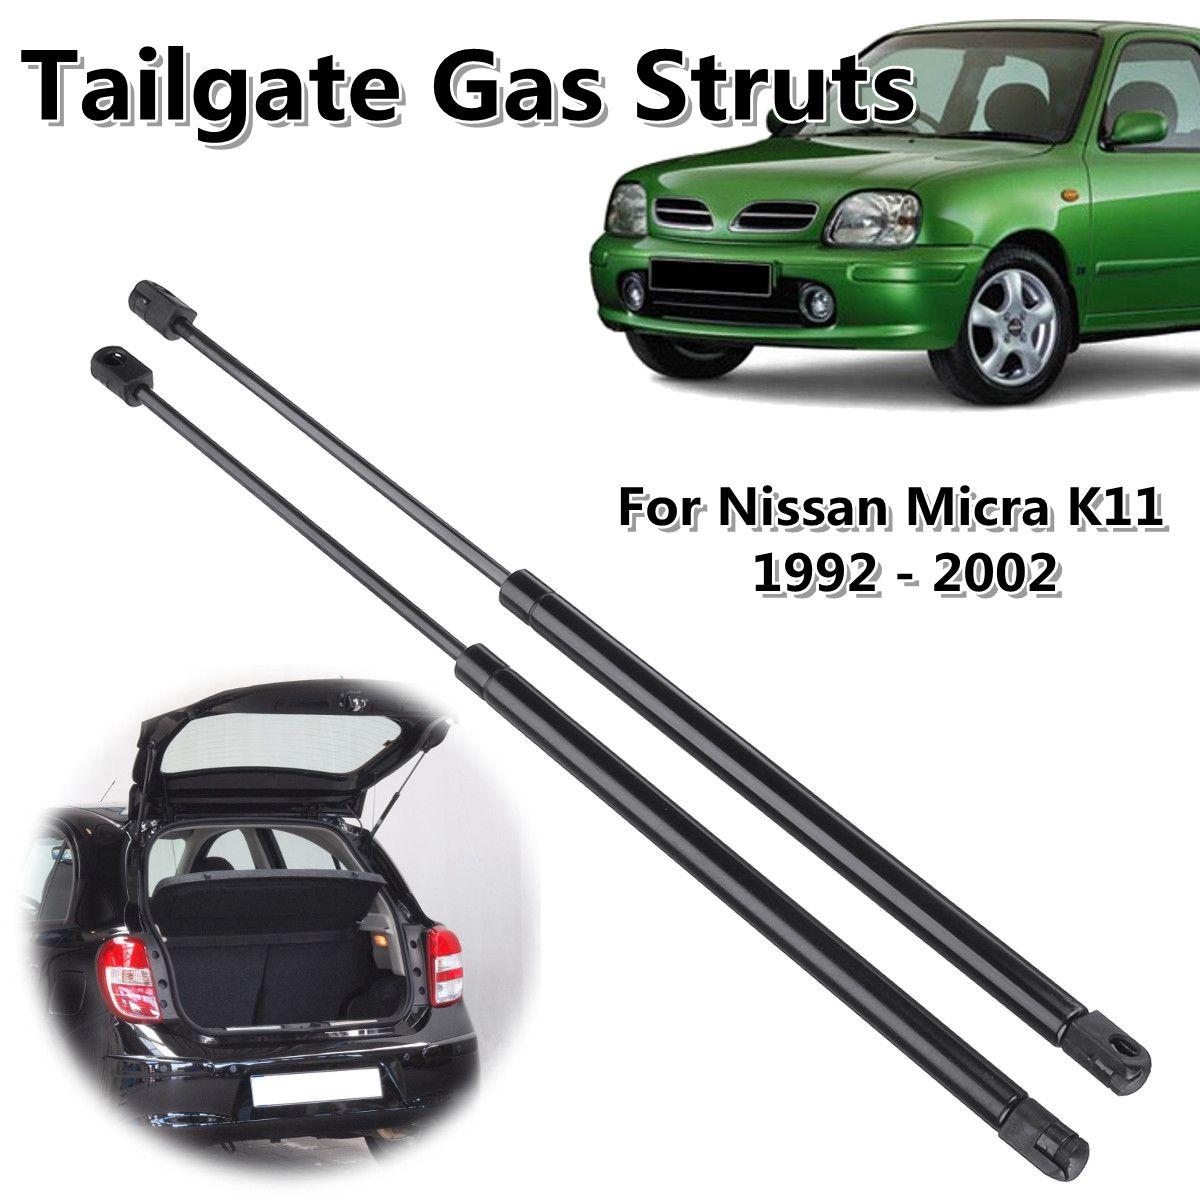 2pcs Rear Tailgate Truck Boot Gas Struts Support For Nissan Micra K11 1992-2002 904504F111 904504F1102pcs Rear Tailgate Truck Boot Gas Struts Support For Nissan Micra K11 1992-2002 904504F111 904504F110